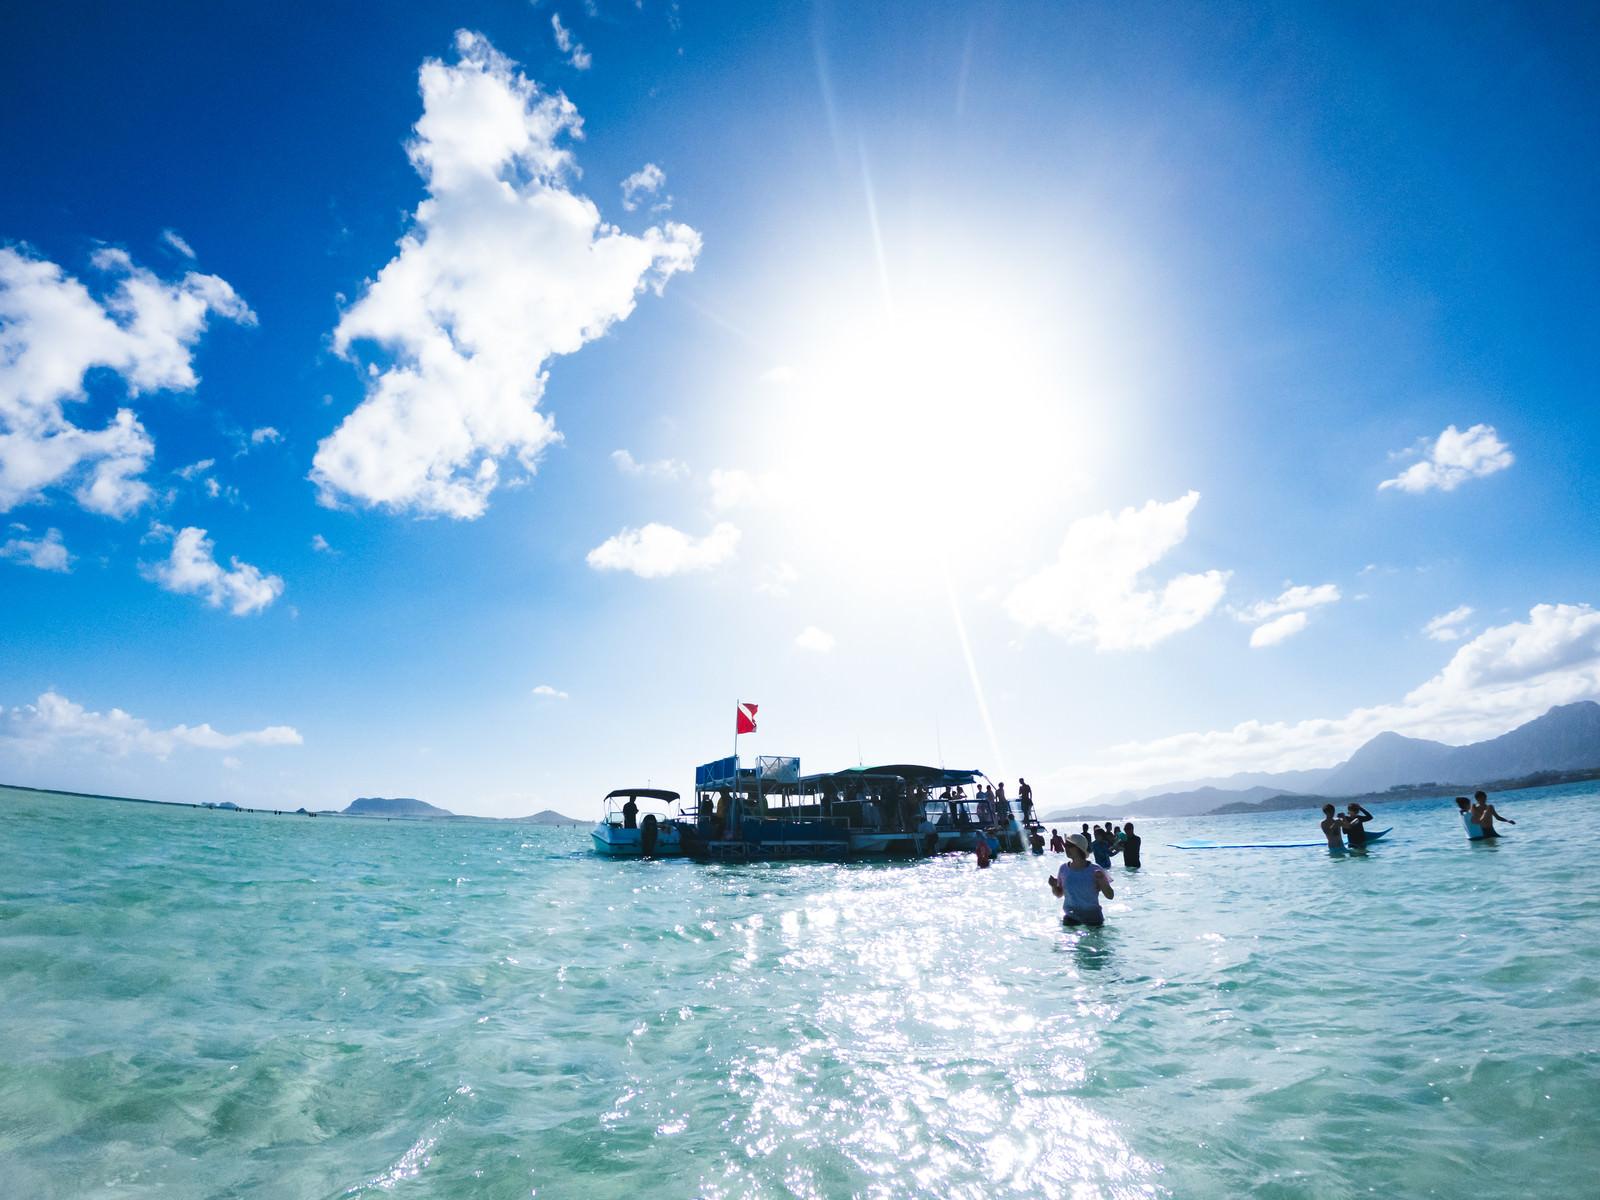 「天国の海ツアーの参加者たち」の写真